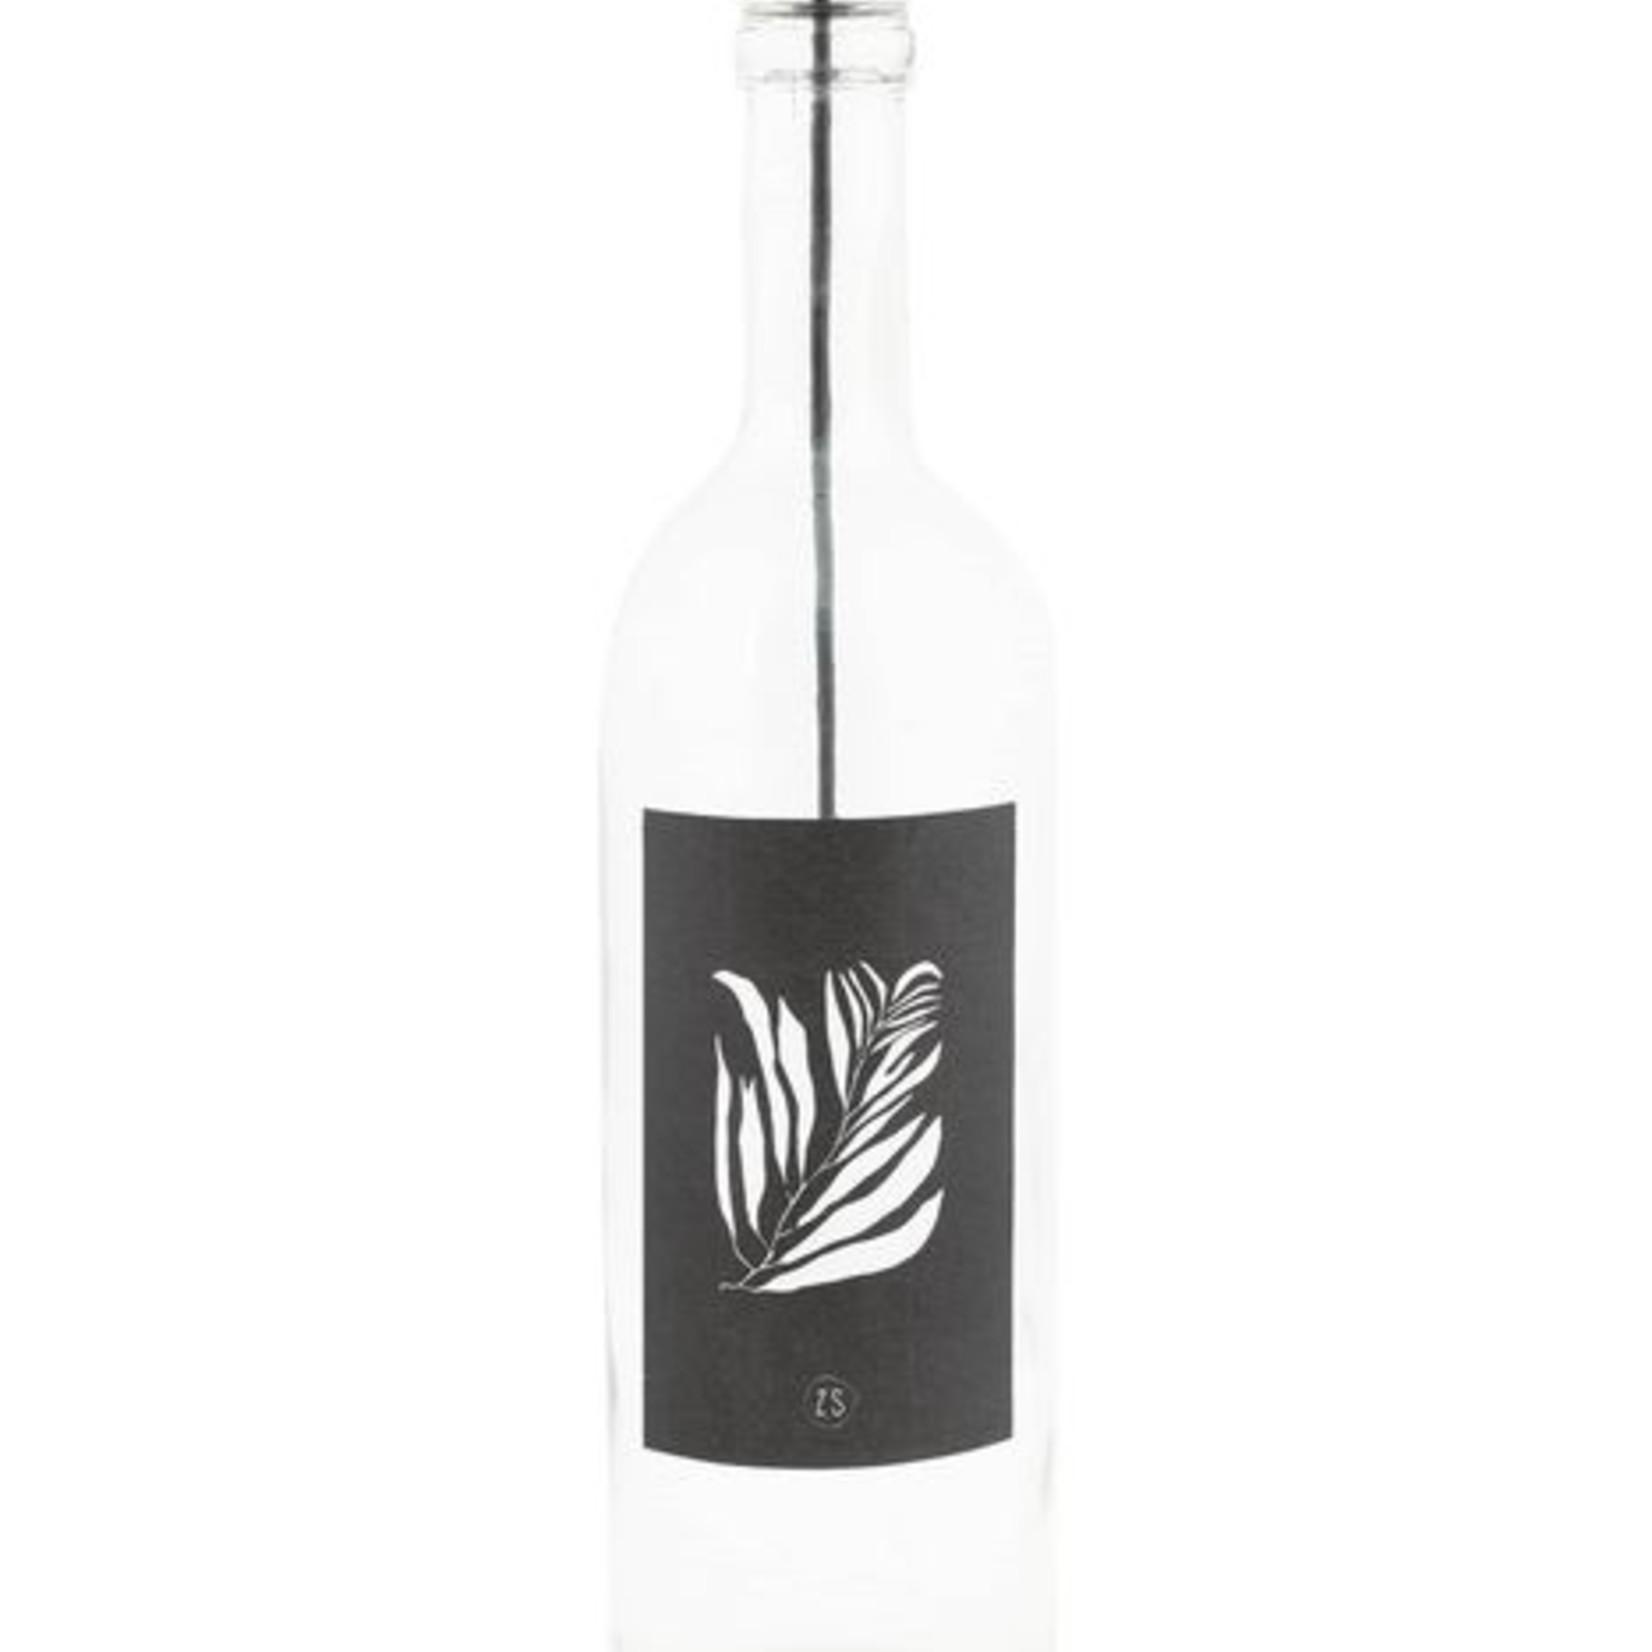 Zusss Kaarsenhouder voor fles - Zwart